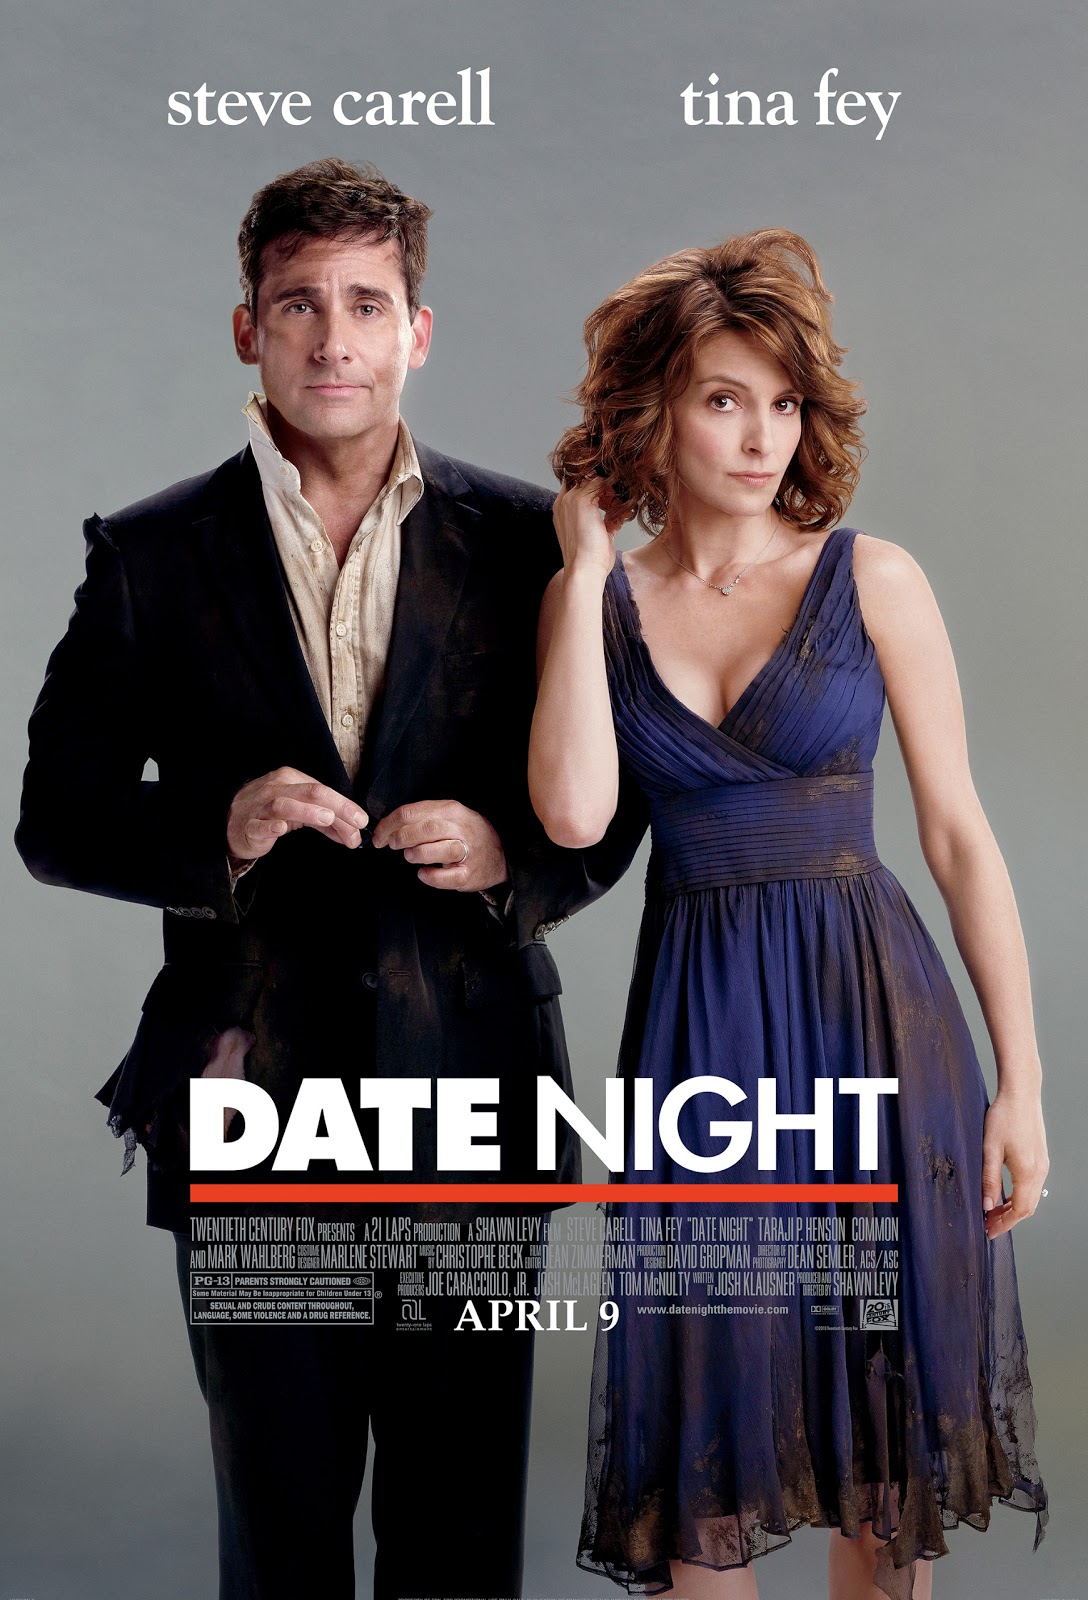 http://3.bp.blogspot.com/_Hcf6GWvO16I/TS0ZVa3J6kI/AAAAAAAAAZE/TI4-_k3FTzI/s1600/date-night-movie-poster.jpg